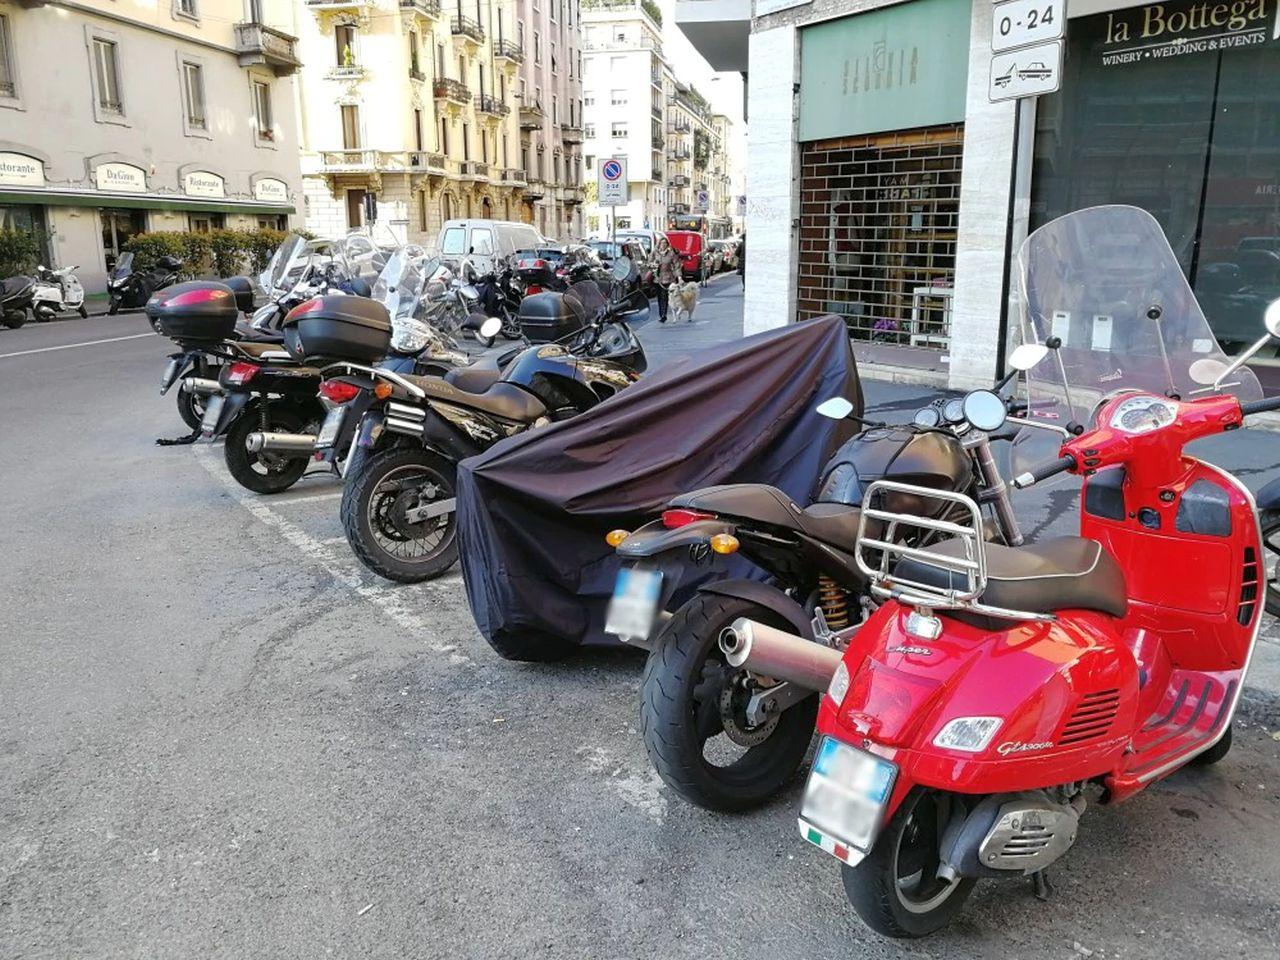 Come parcheggiare la moto (o lo scooter) ed evitare le multe: le cose che non sai